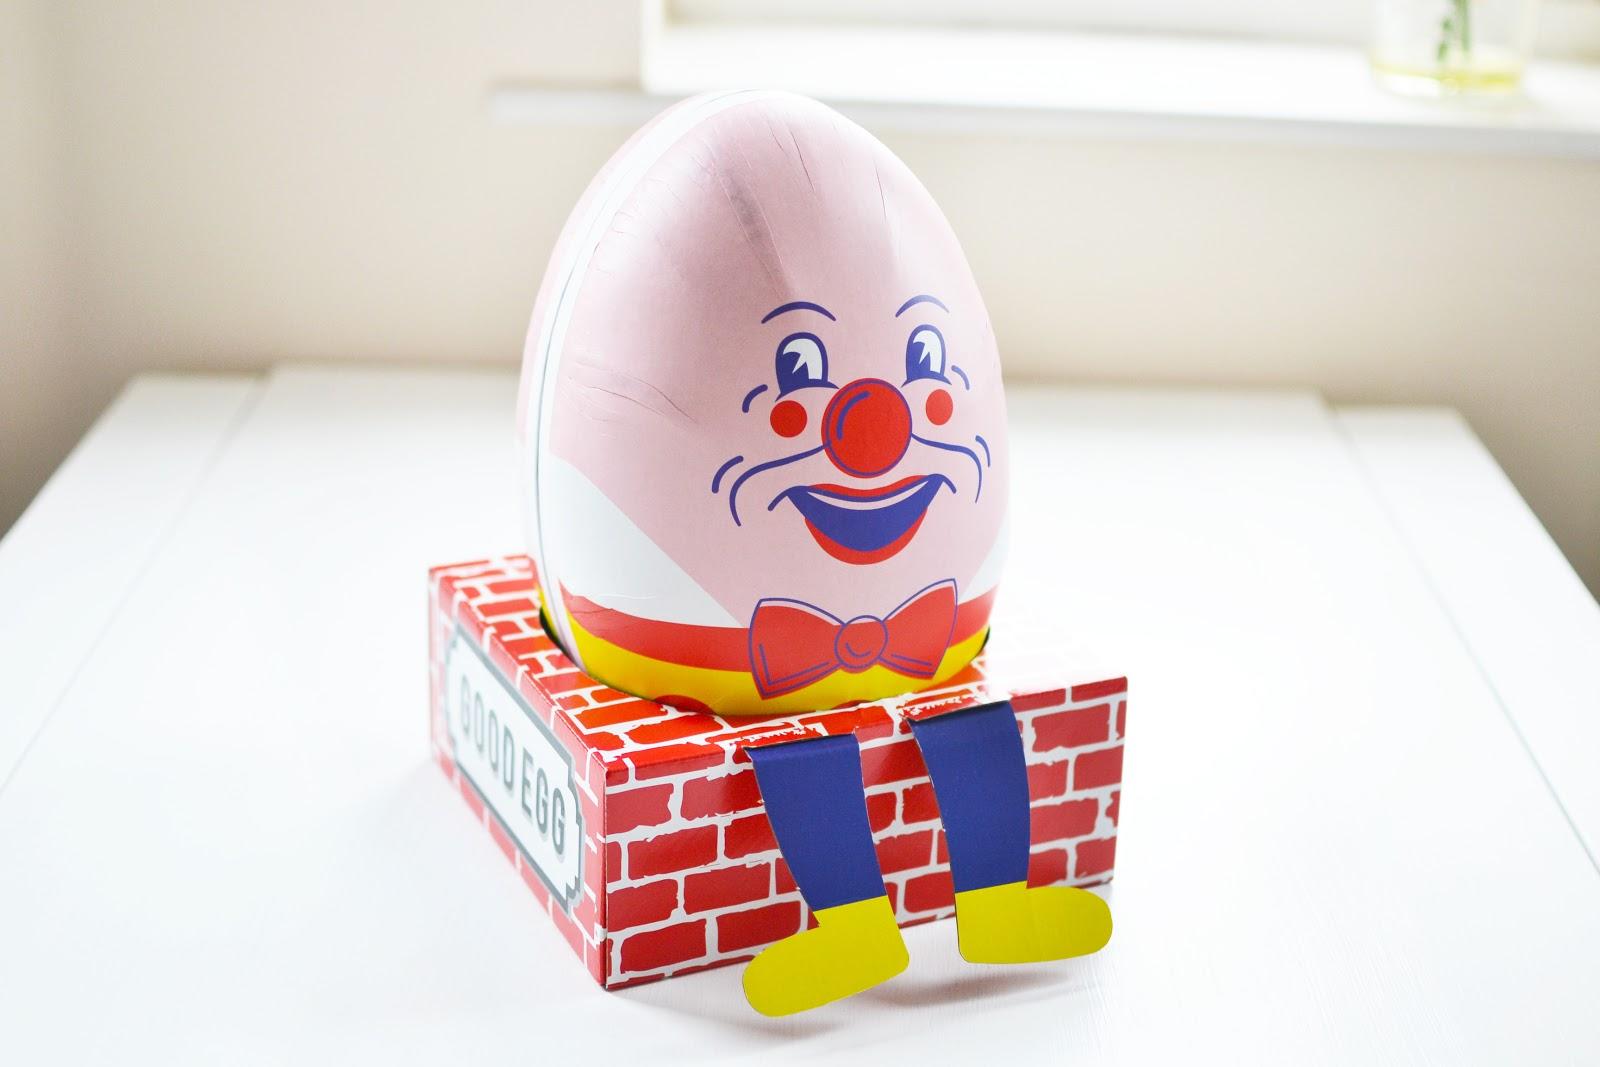 Good Egg gift set from lush